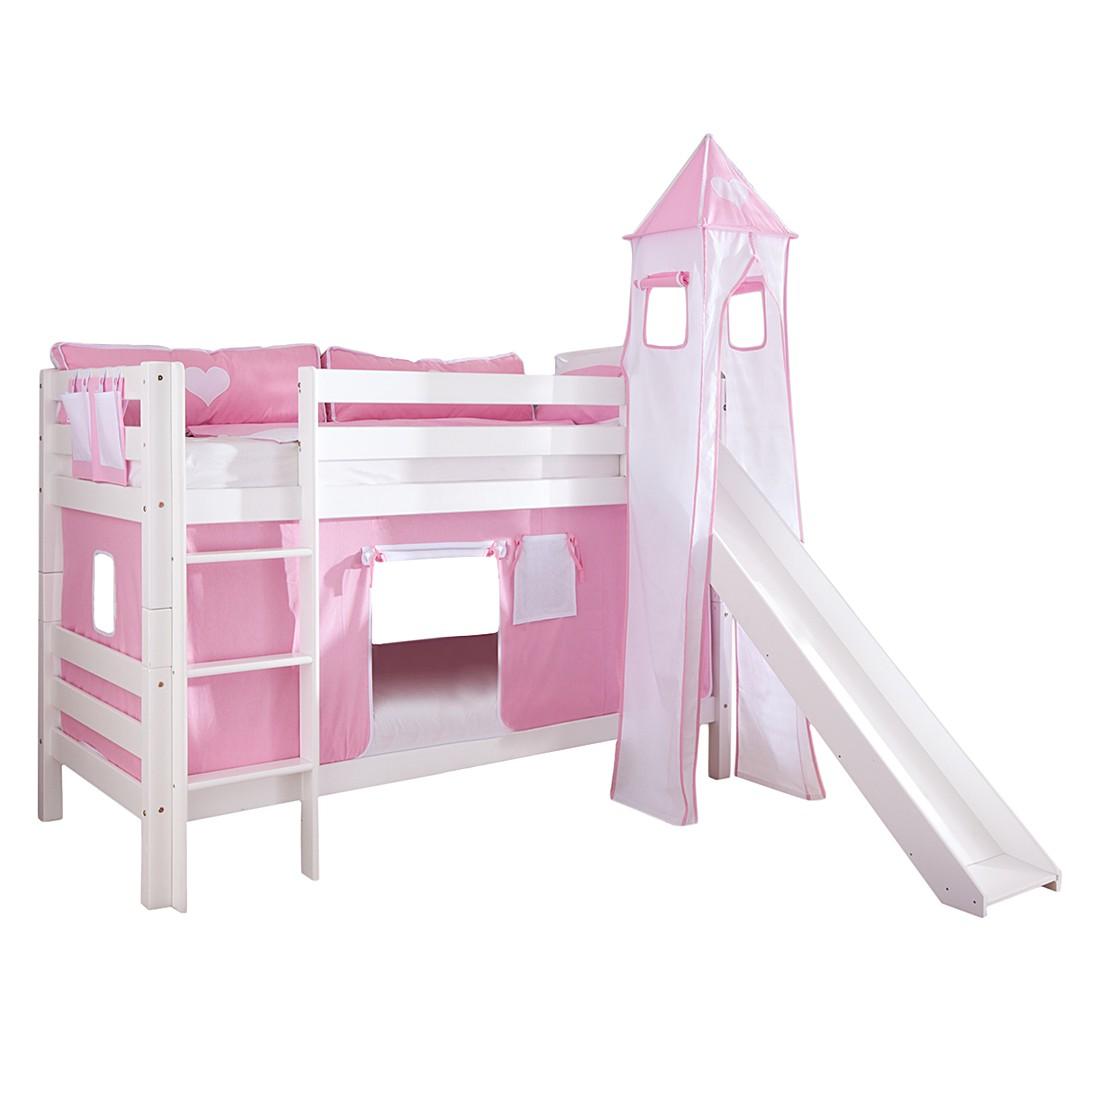 Spielbett Beni - mit Rutsche, Vorhang, Turm und Tasche - Buche massiv weiß lackiert/Textil rosa-weiß-herz, Relita